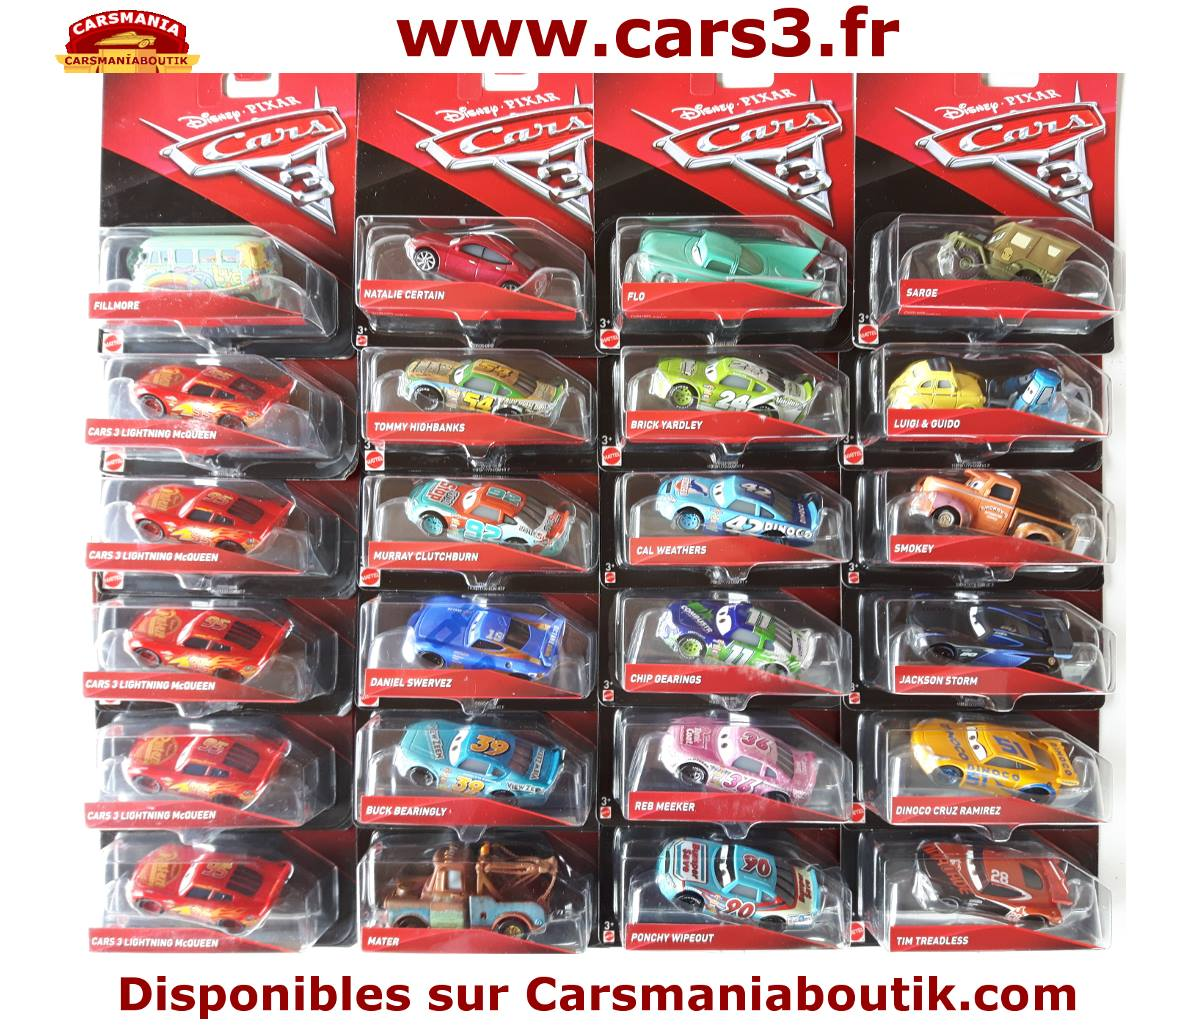 Cars 3 les miniatures sont disponibles disneycarsmania - Voiture the cars ...